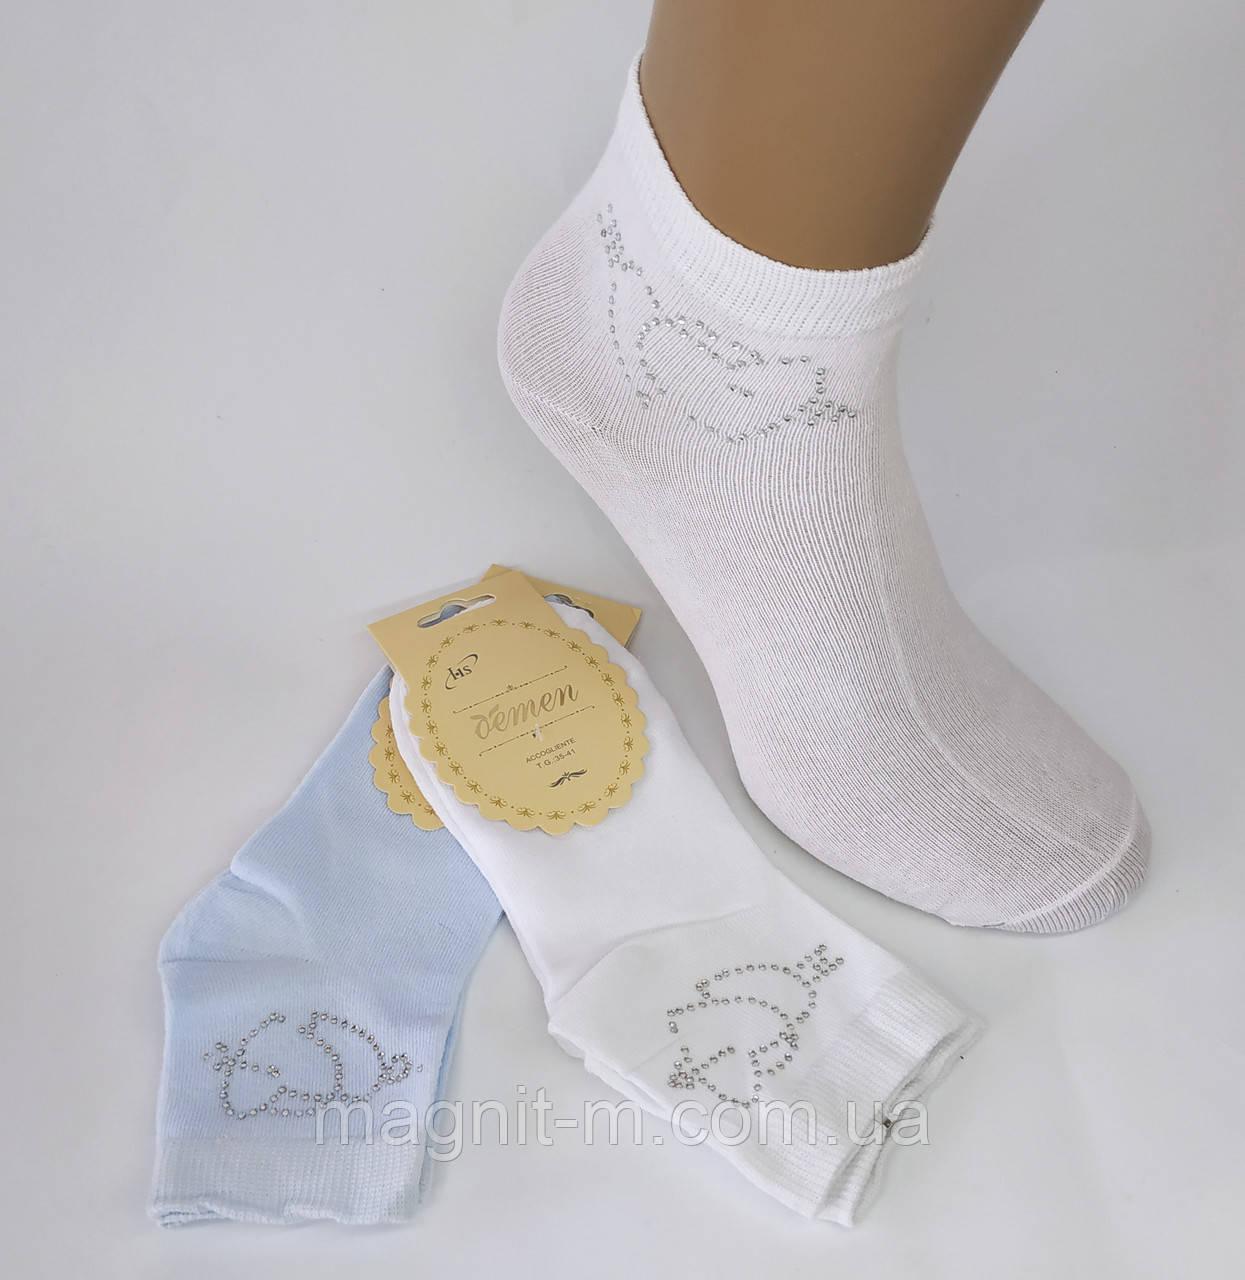 """Женские укороченные стрейчевые носки """"Oemen"""". Хлопок. Стразы-сердечки."""